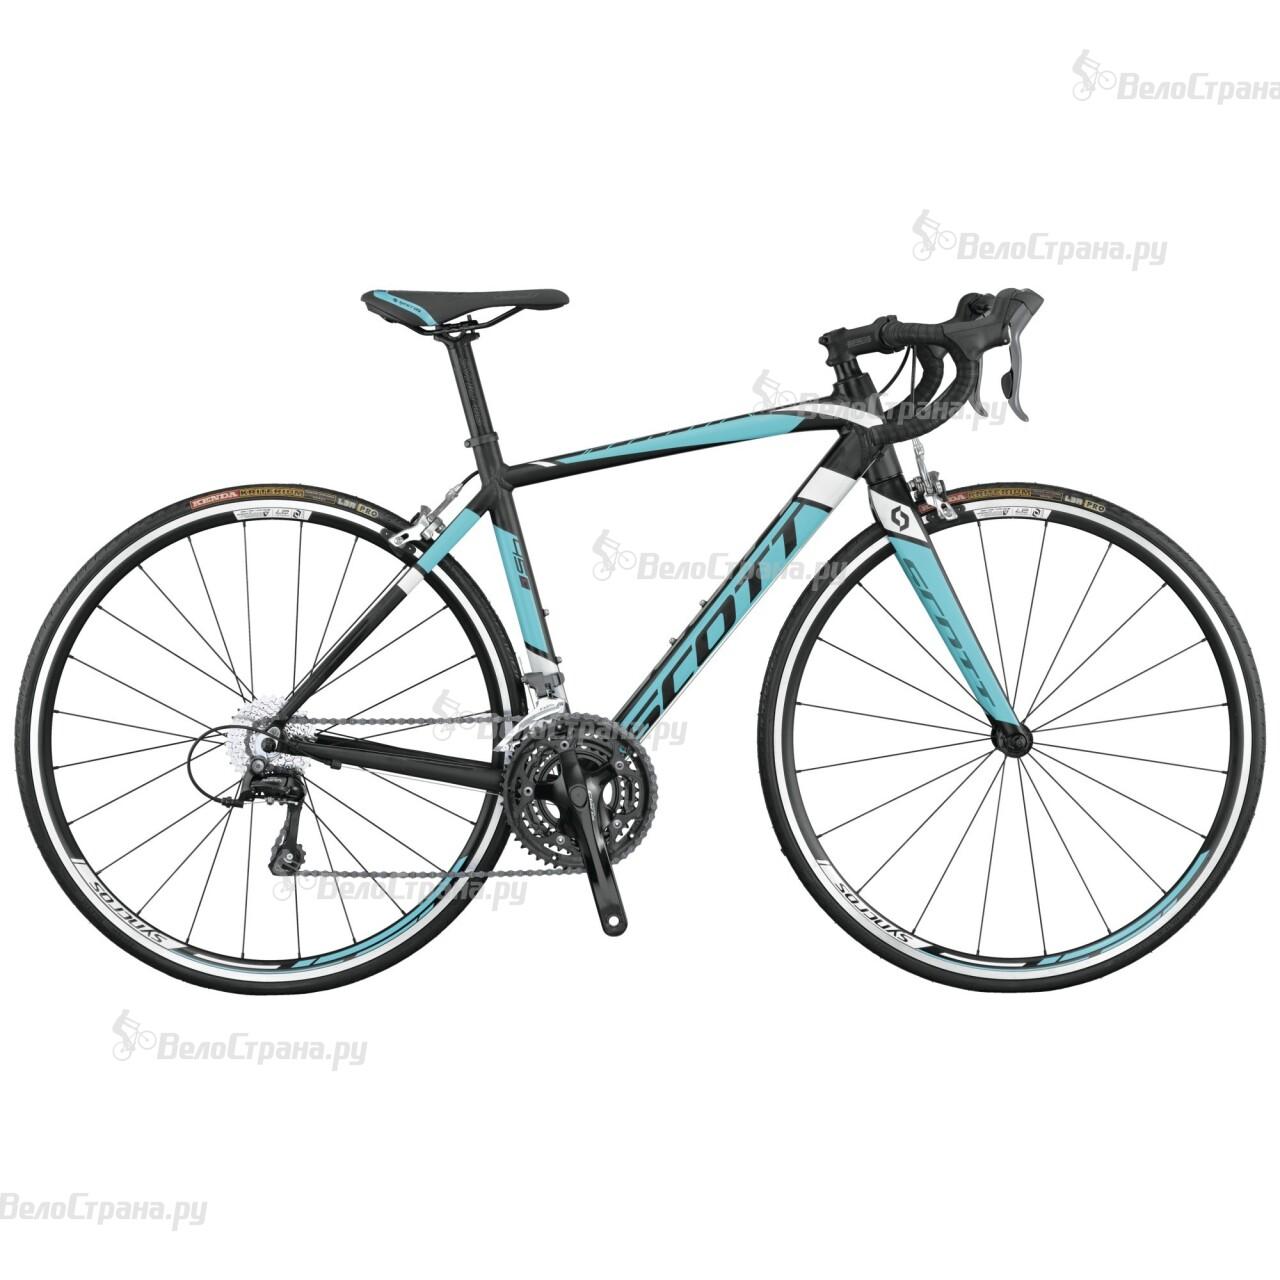 Велосипед Scott Contessa Speedster 45 (2015) велосипед scott contessa speedster 15 2015